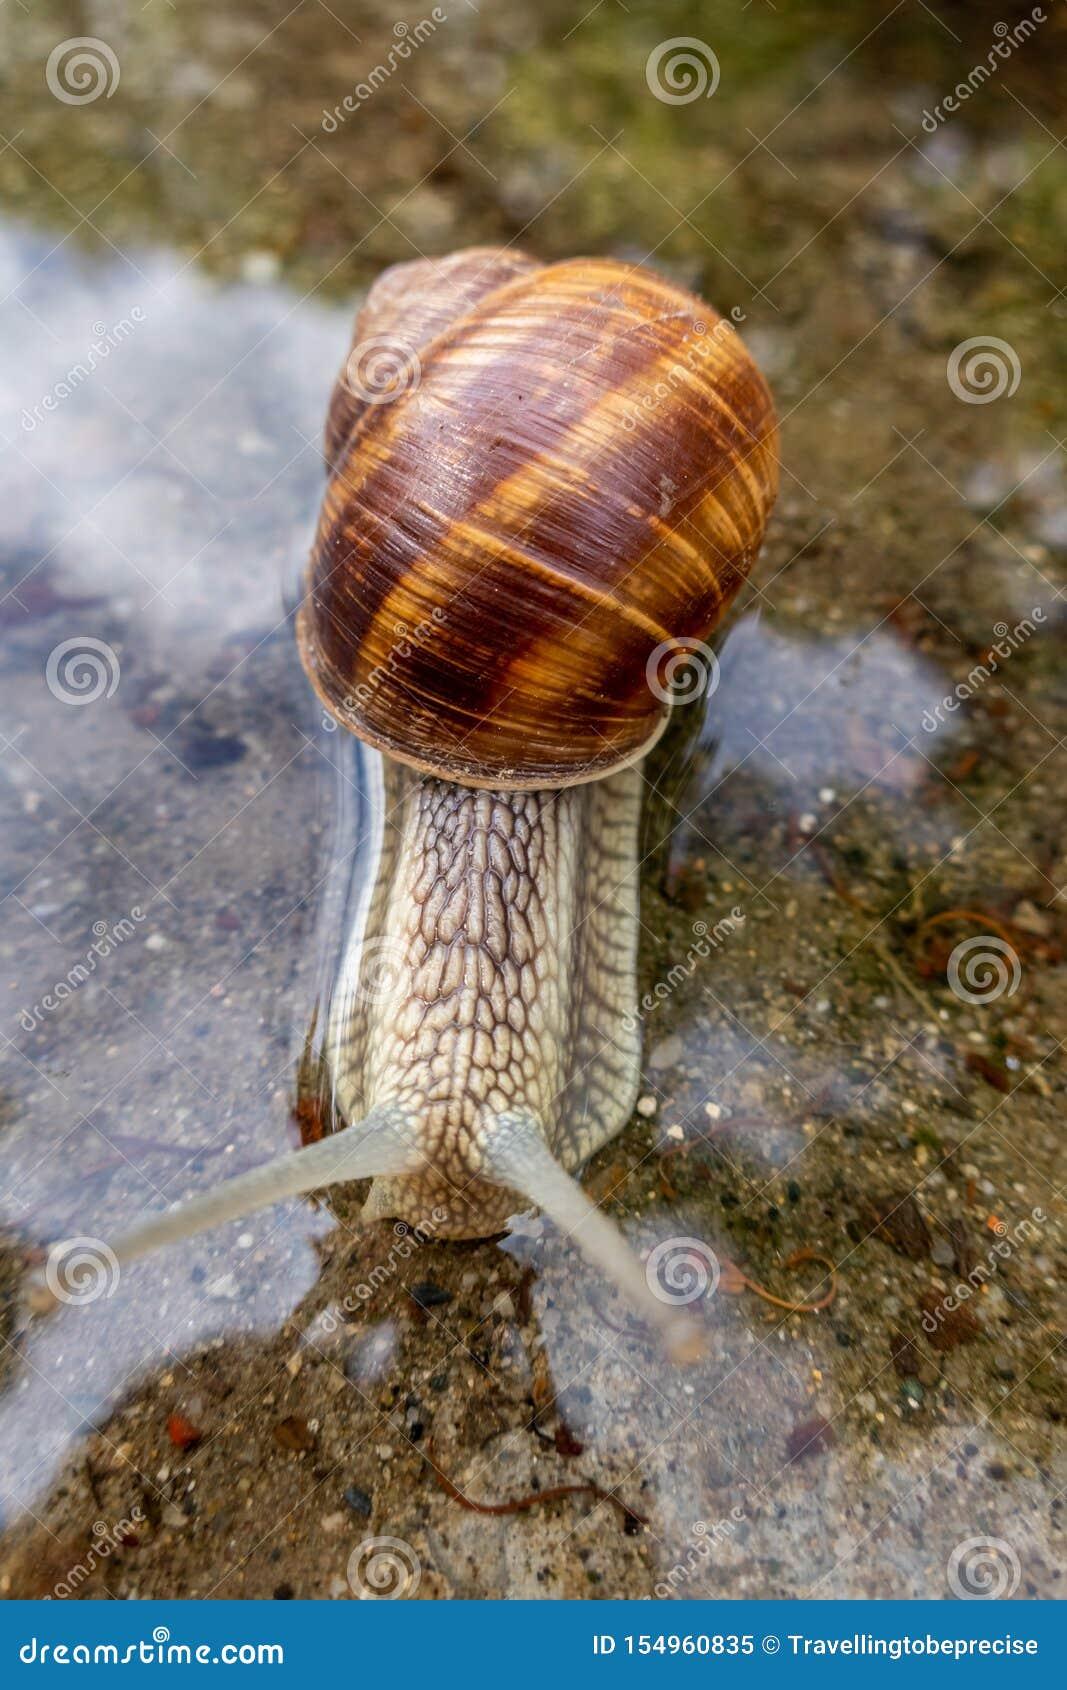 Helix pomatia, Roman snail, Burgundy snail, edible snail or escargot